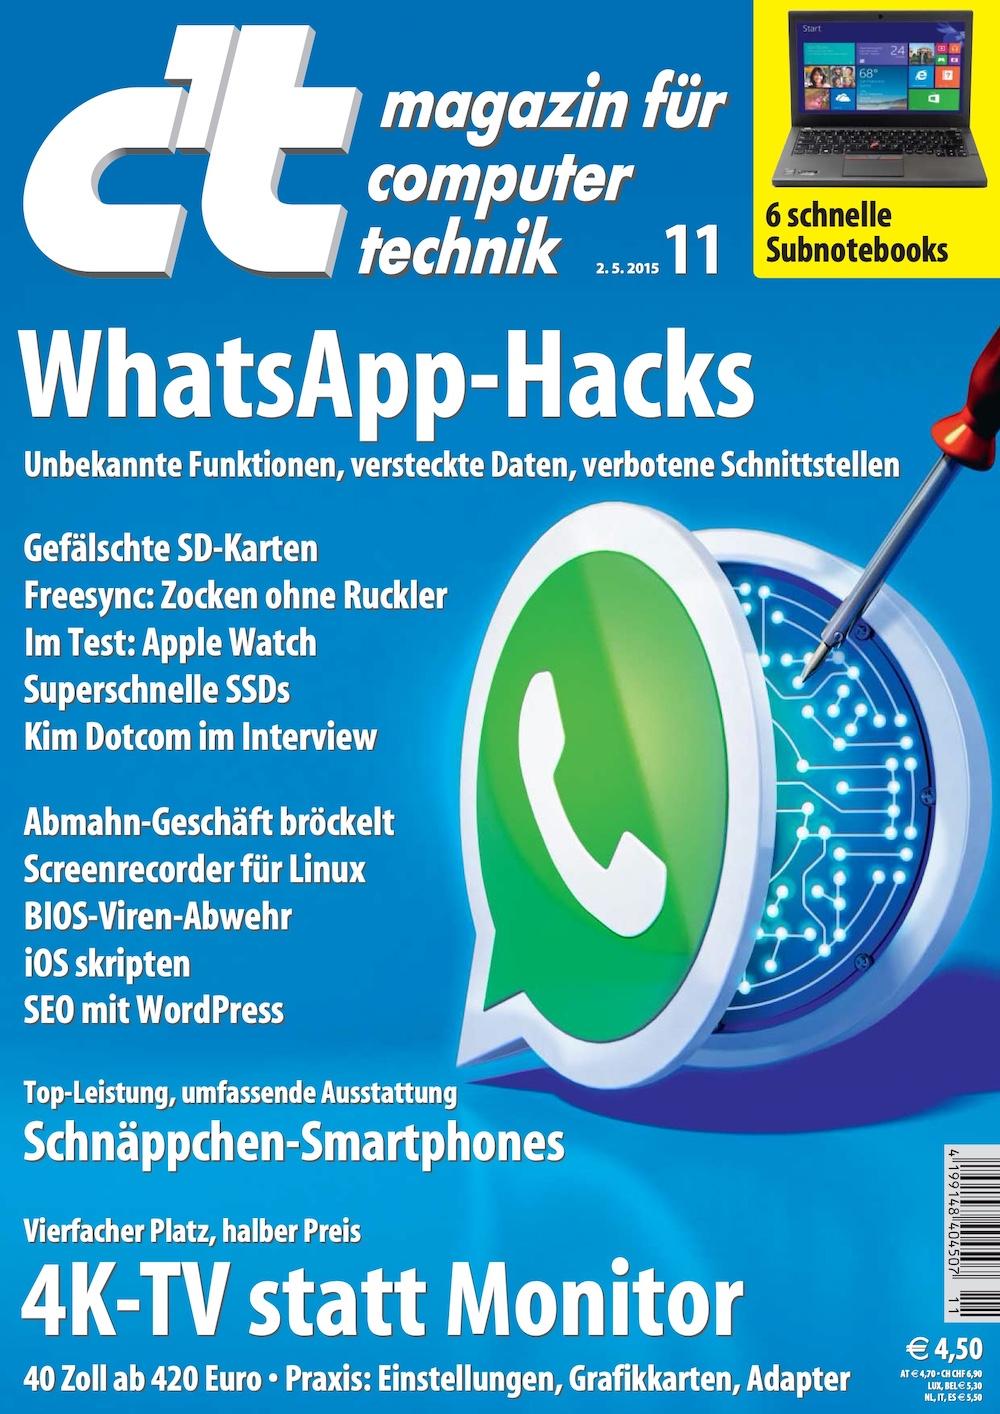 c't Magazin 2015-11